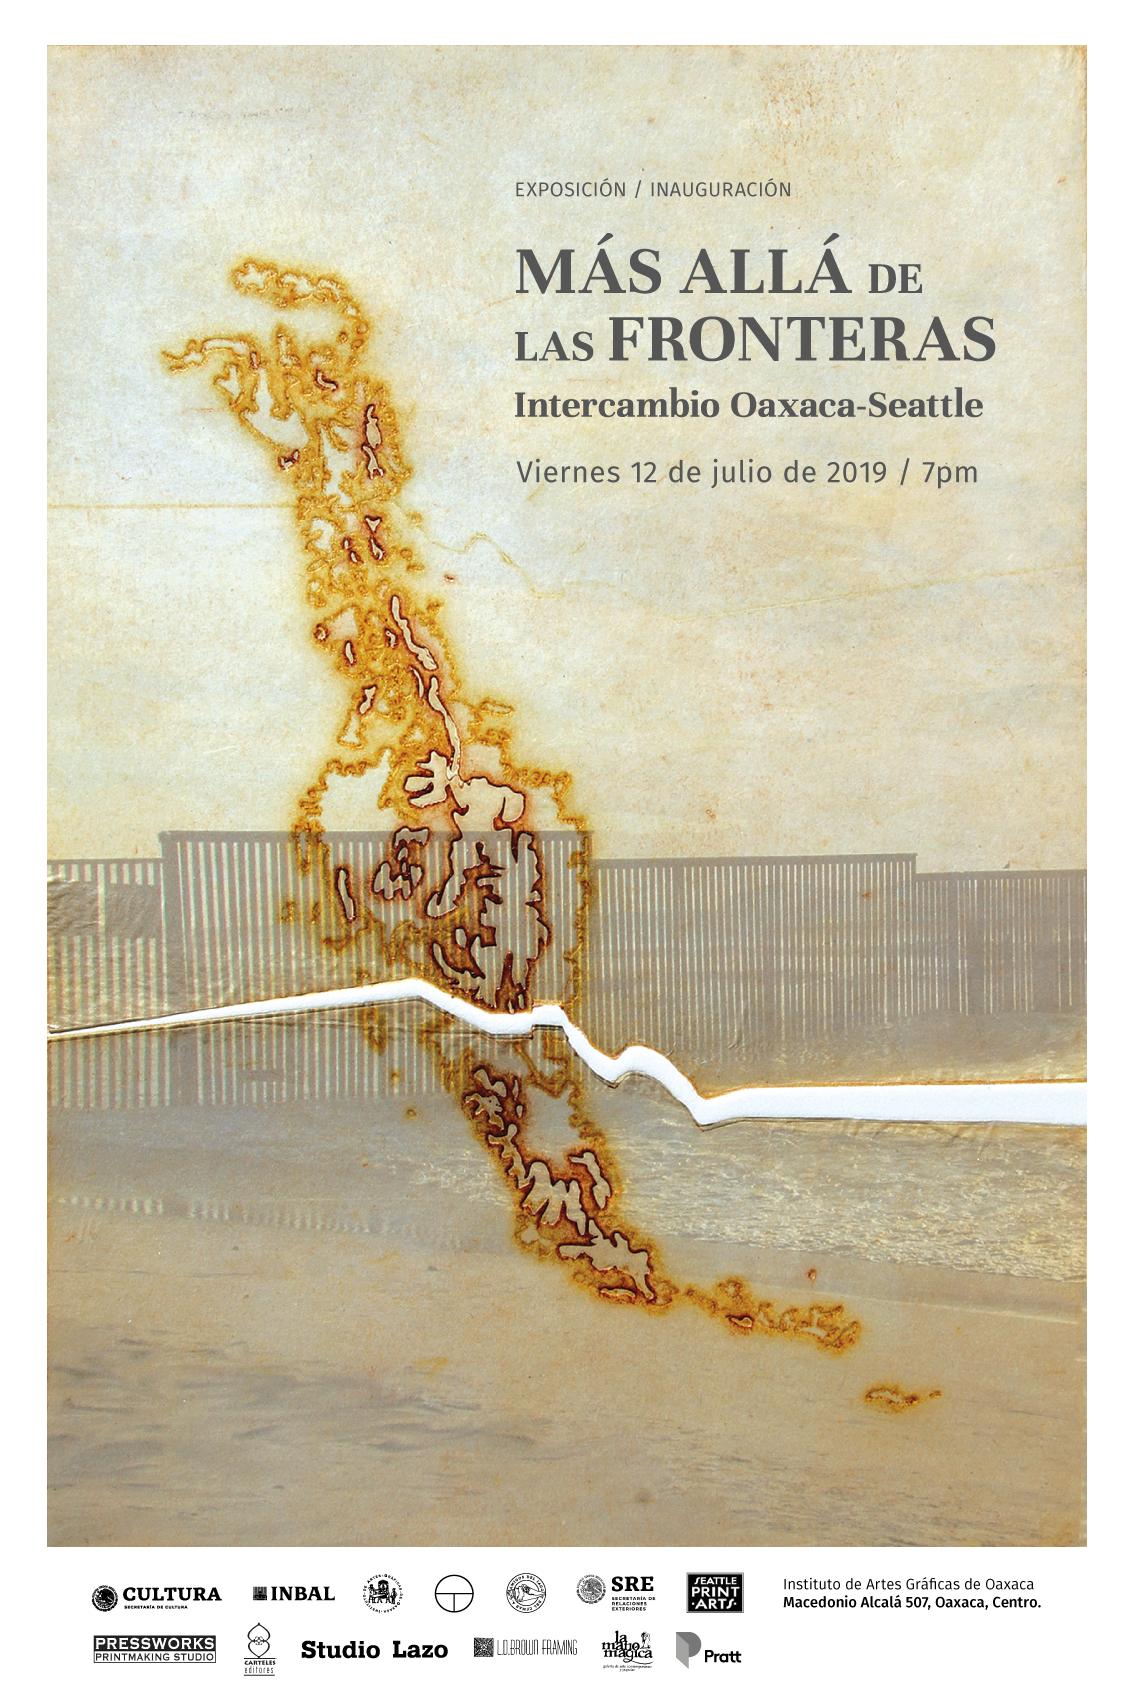 EXPO_MÁS-ALLÁ-DE-LAS-FRONTERAS_WEB